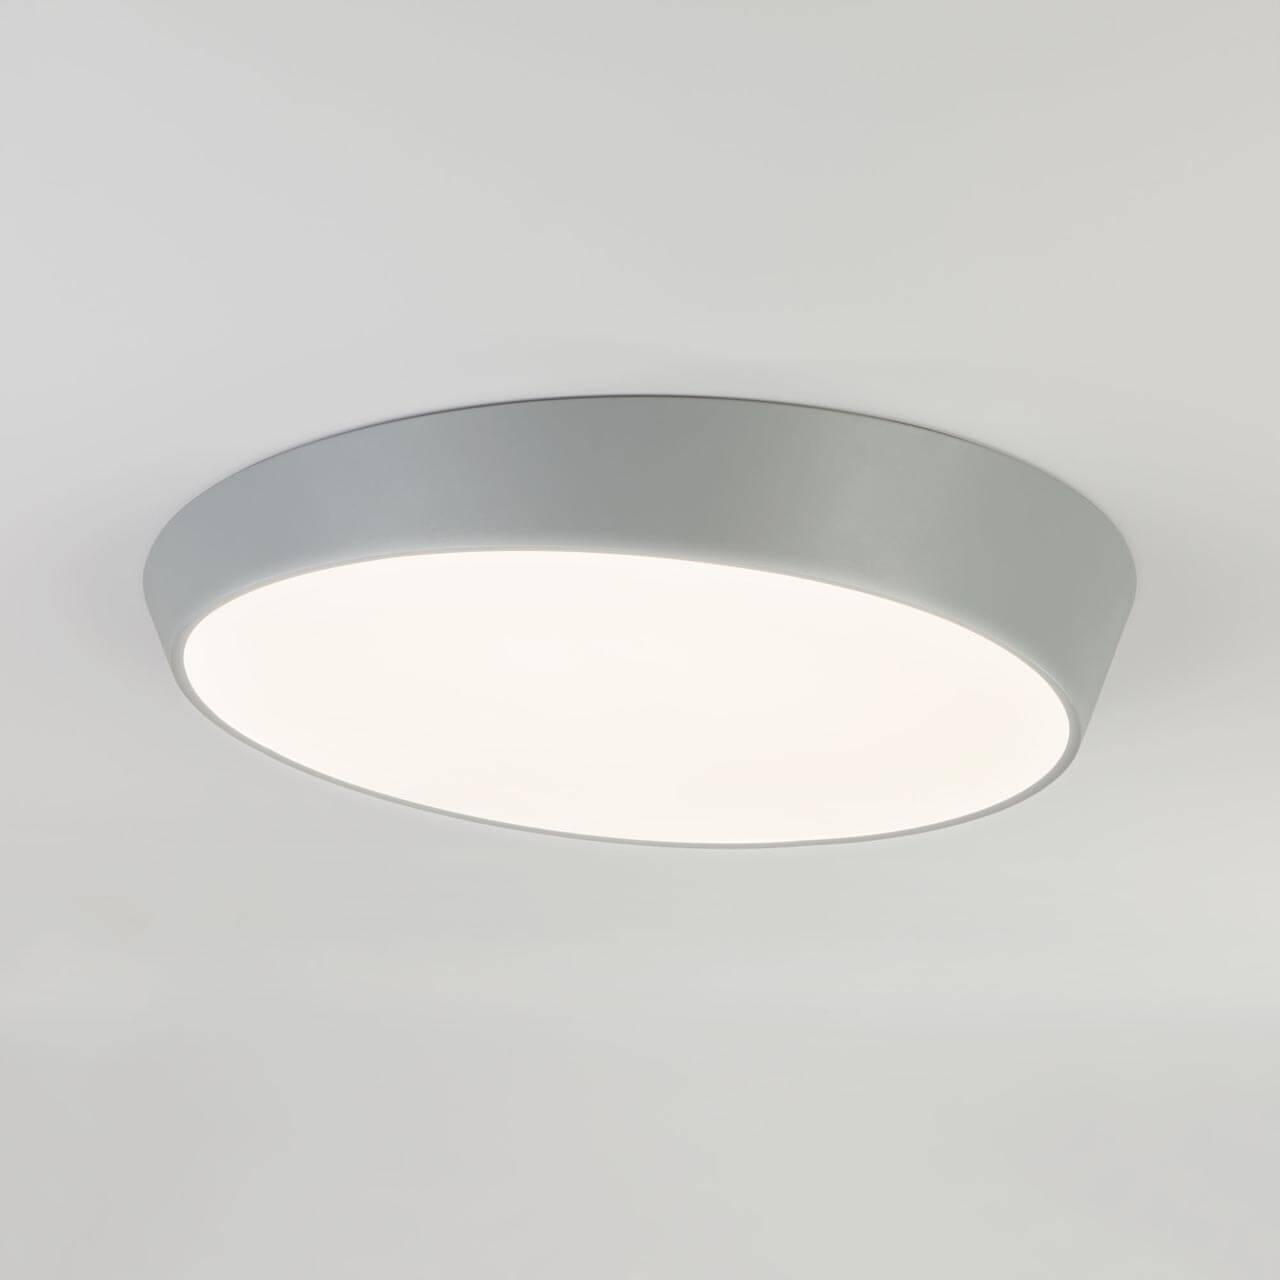 Потолочный светильник Eurosvet 90114/1 серый, серый